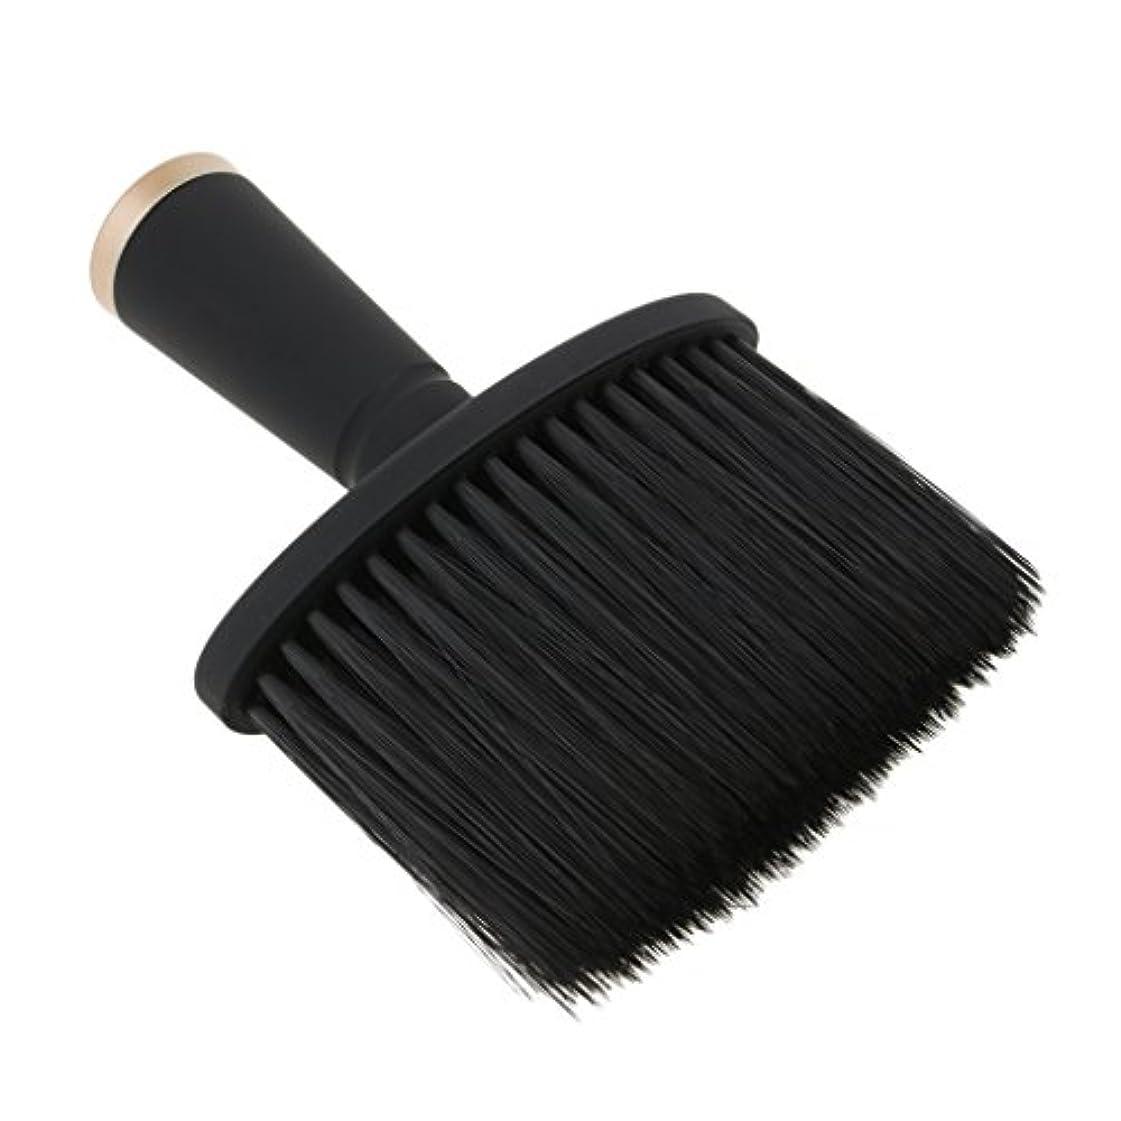 おもしろい楕円形広告主ネックダスターブラシ ヘアカット ヘアブラシ ソフト サロン ヘアスタイリスト 理髪 全2色 - ゴールド